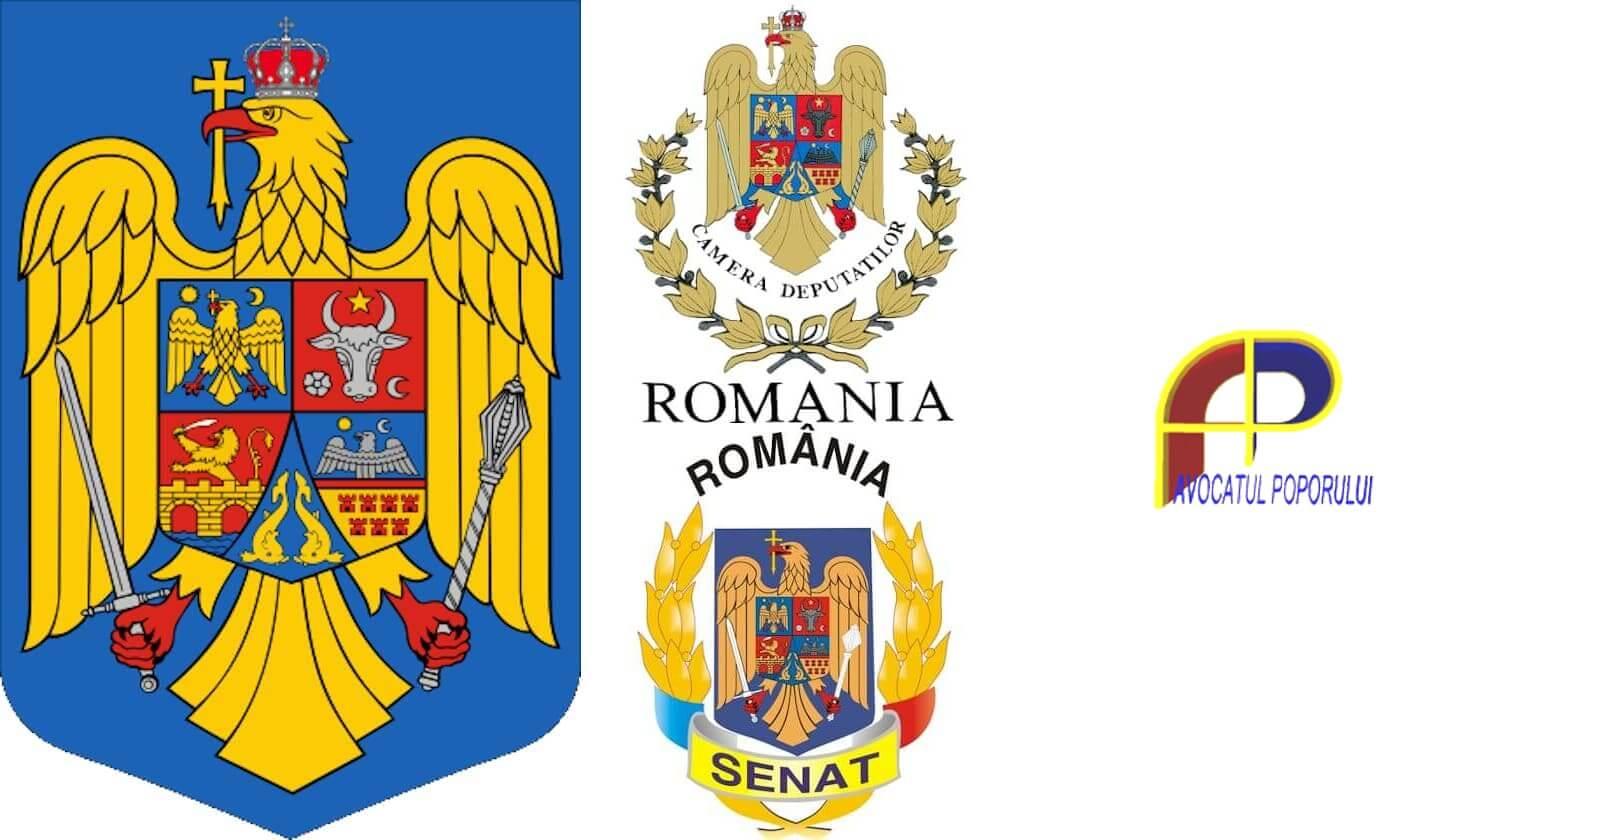 https://ziarul.romania-rationala.ro/control/articole/articole/parlamentul-romaniei-avocatul-poporului-banner.jpg